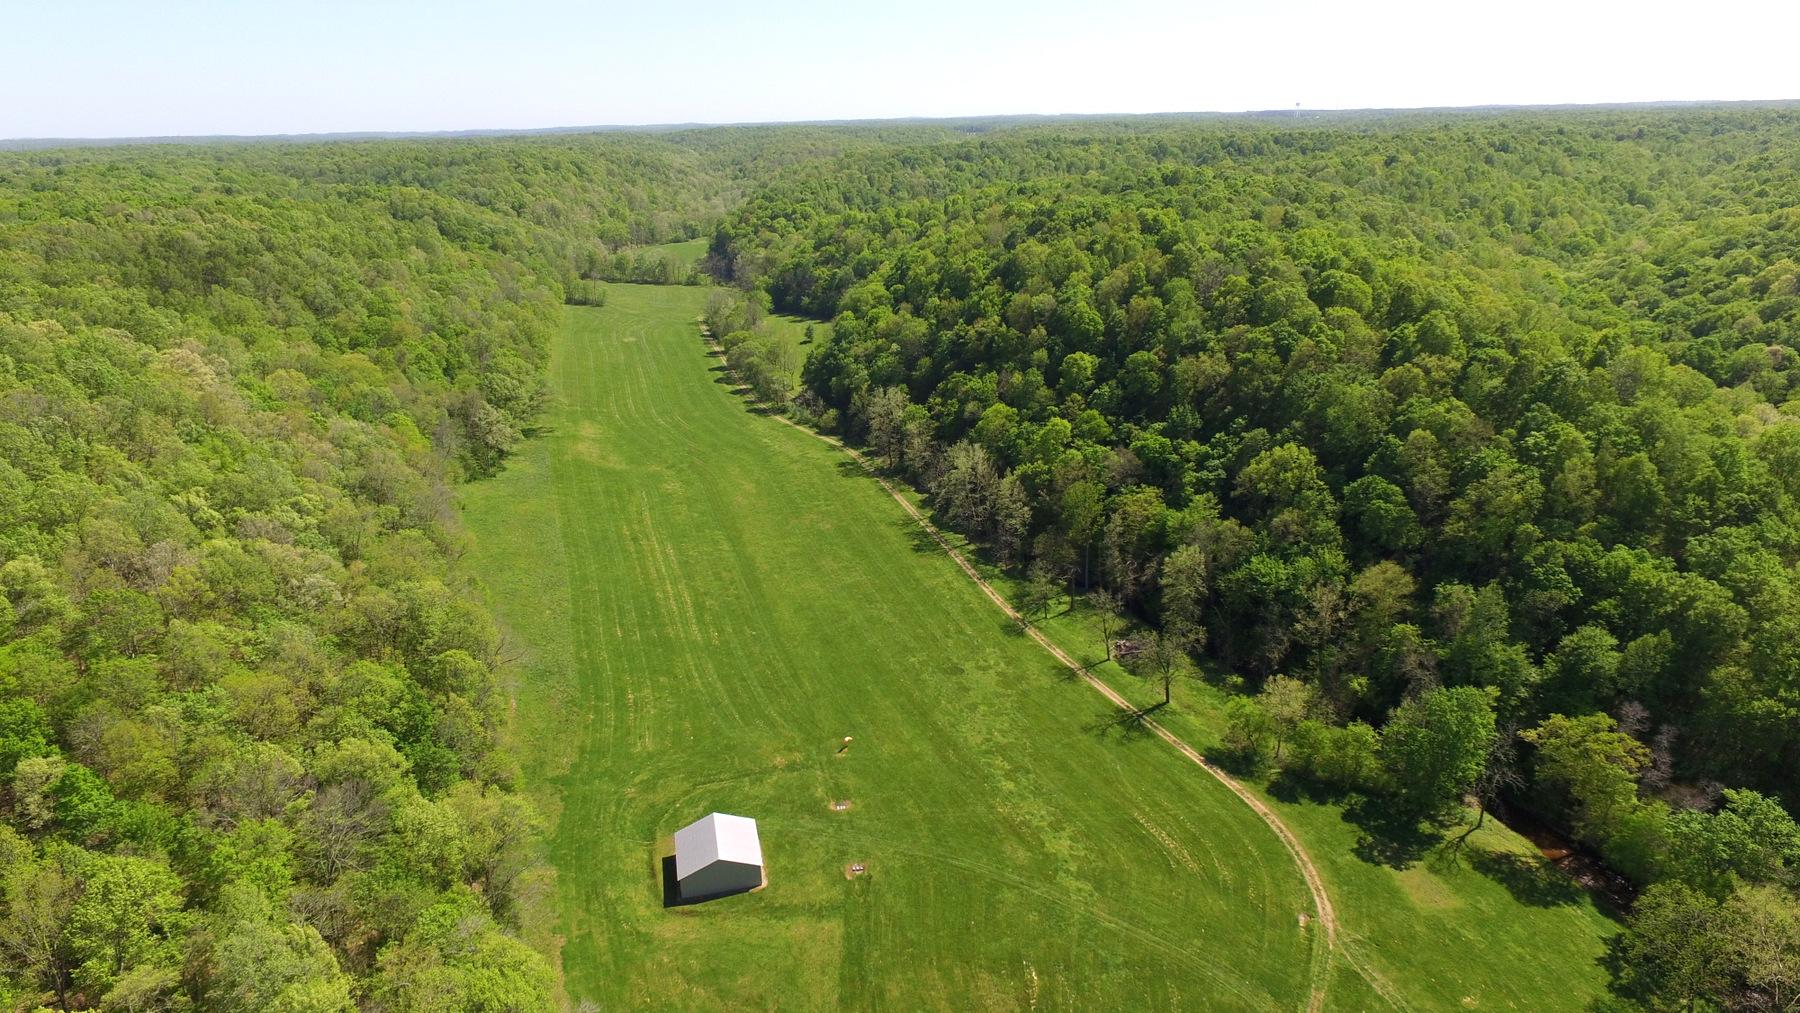 Grass Landing strip and hangar